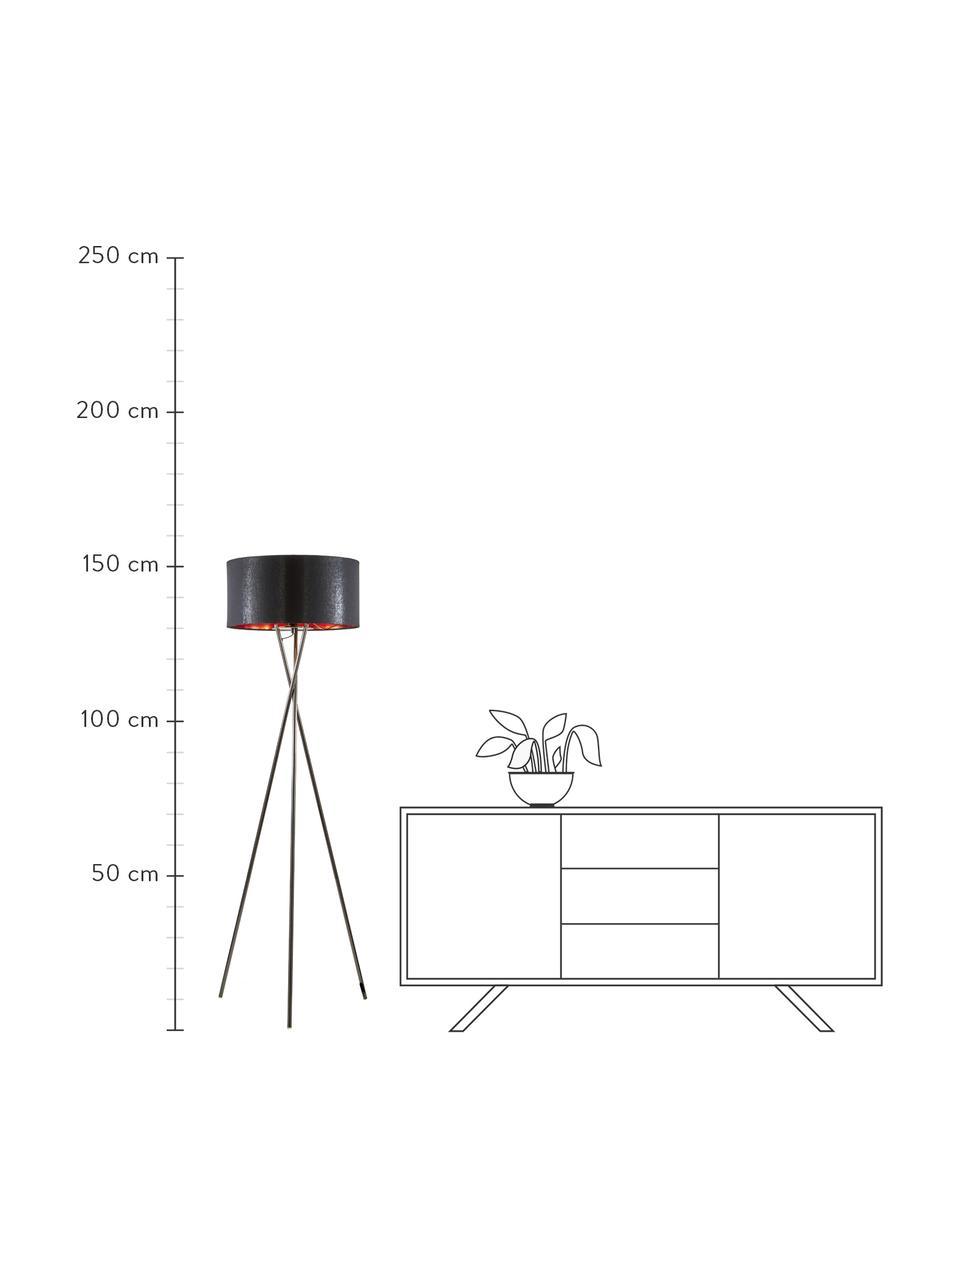 Driepoot vloerlamp Giovanna met koperen decoratie, Lampvoet: staal, zwart verchroomd, Zwart, koperkleurig, Ø 45 x H 154 cm